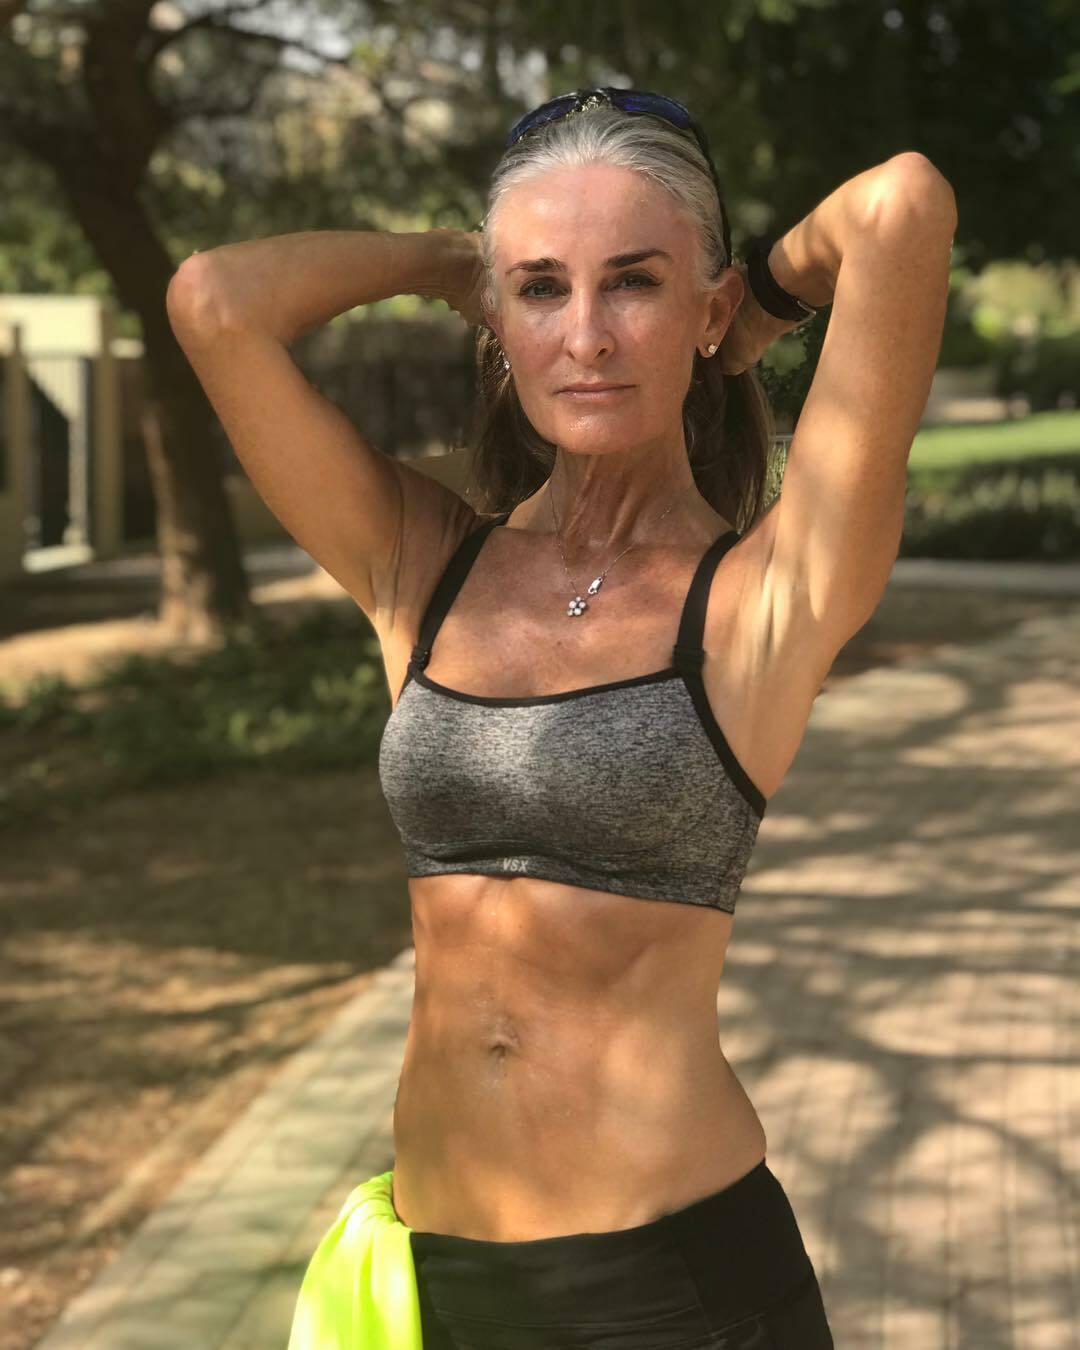 Caroline hiện rấttích cực trong cách hoạt động giúp phụ nữ tự tin, yêu thương cơ thể thay vì giấu mình đằng sau nhưng filter chỉnh sửa ảnh.